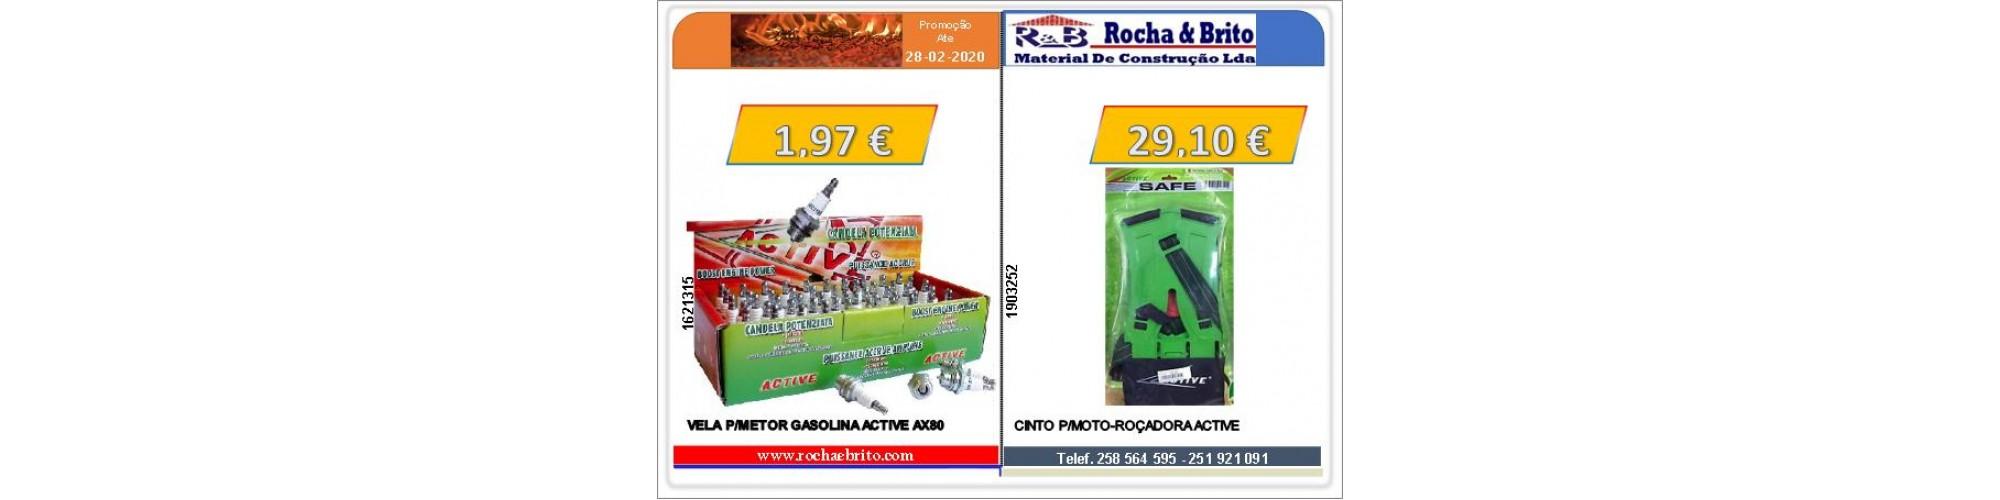 Velas Moto Serra